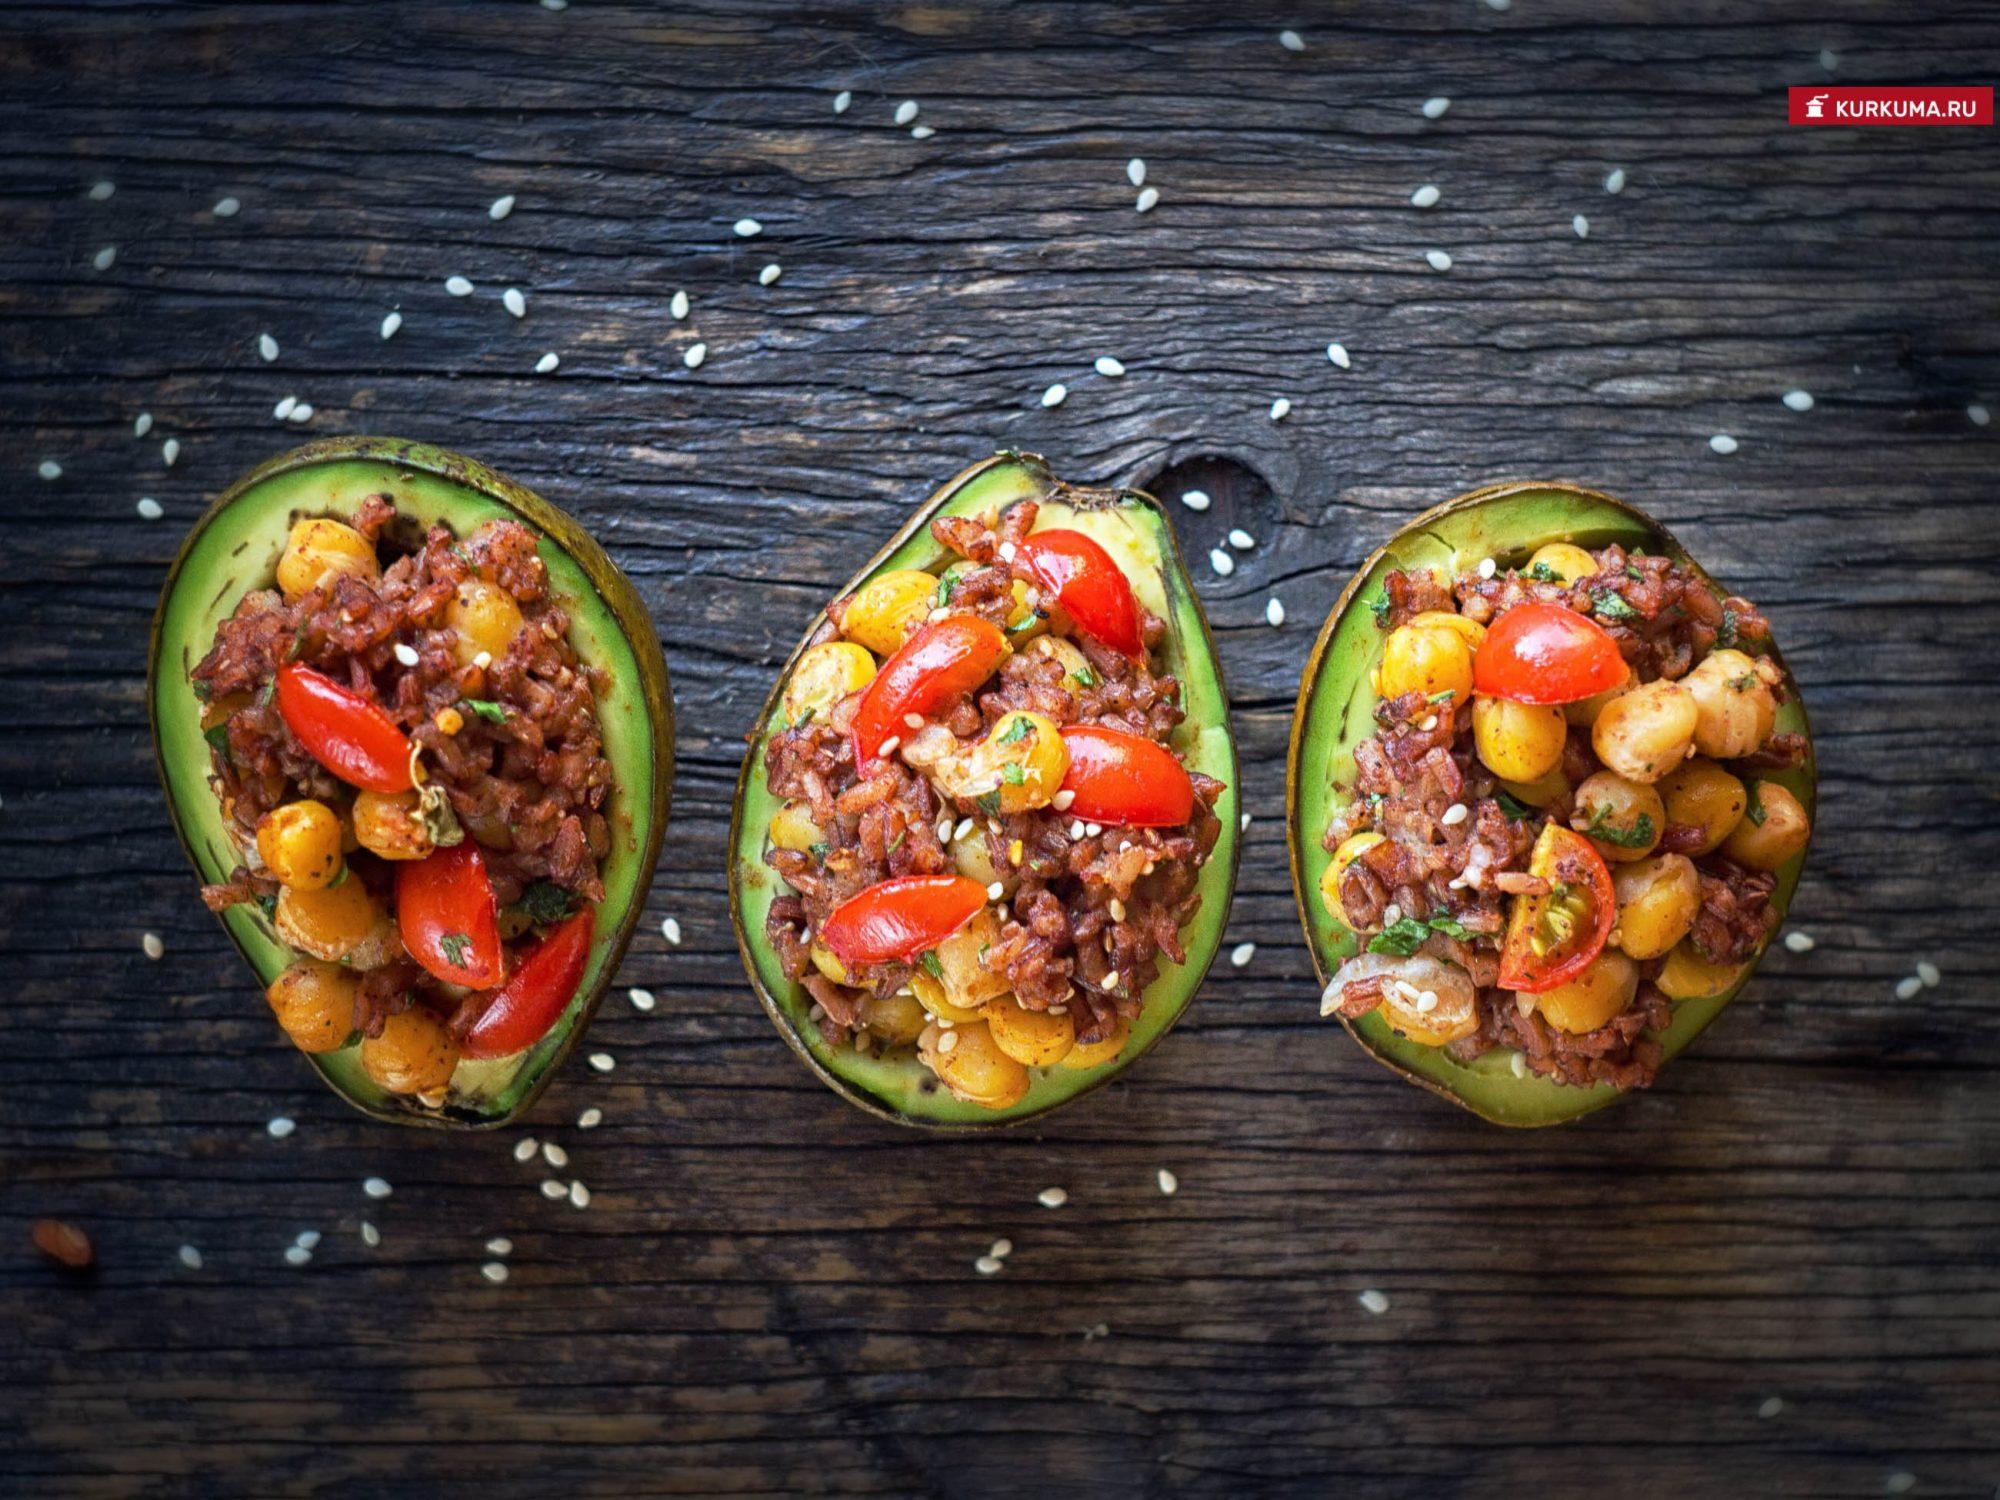 Запеченные авокадо с рисом и нутом - рецепт с фото